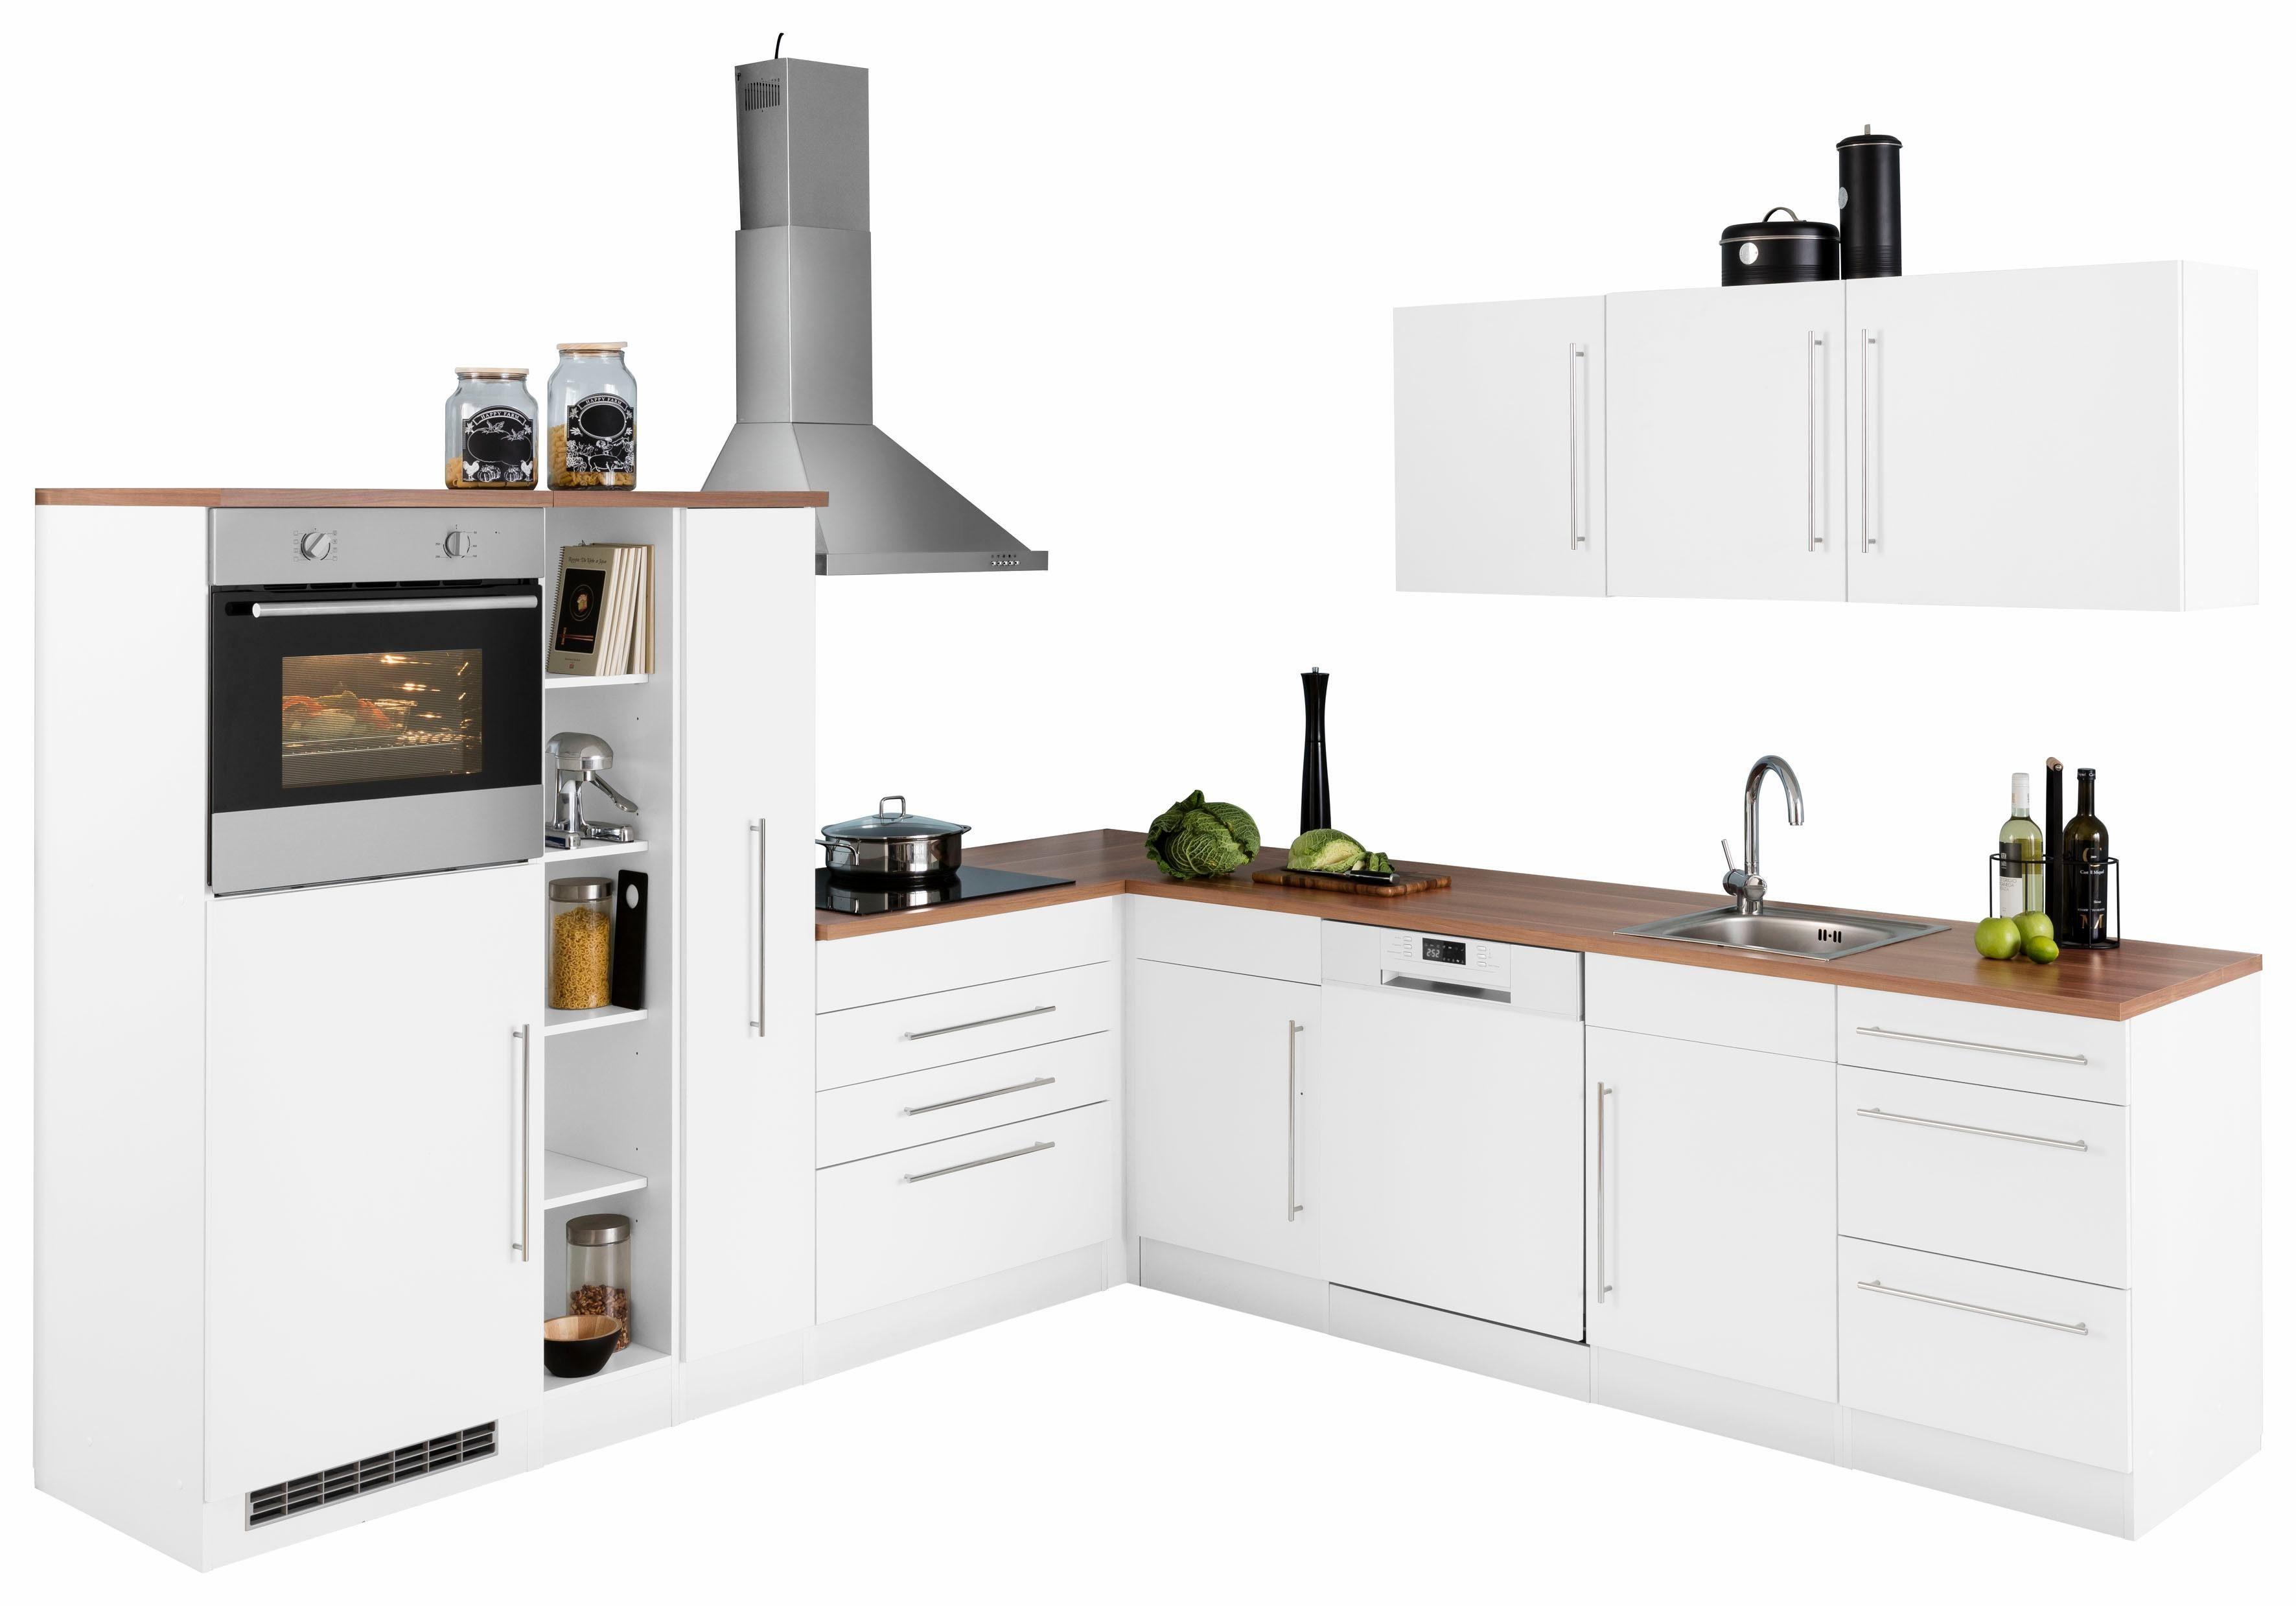 Miniküche Mit Geschirrspüler Ohne Kühlschrank : Küchenzeile mit geschirrspüler online kaufen otto